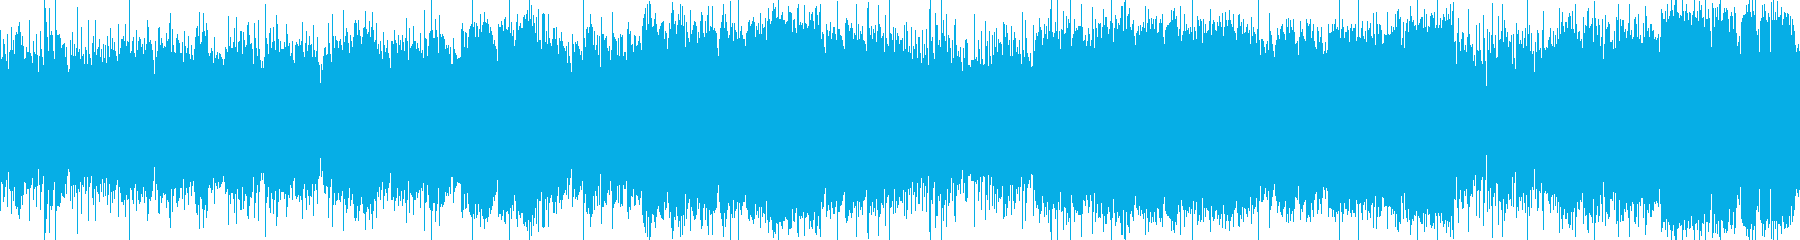 【ループ】生楽器中心のクールな戦闘曲の再生済みの波形